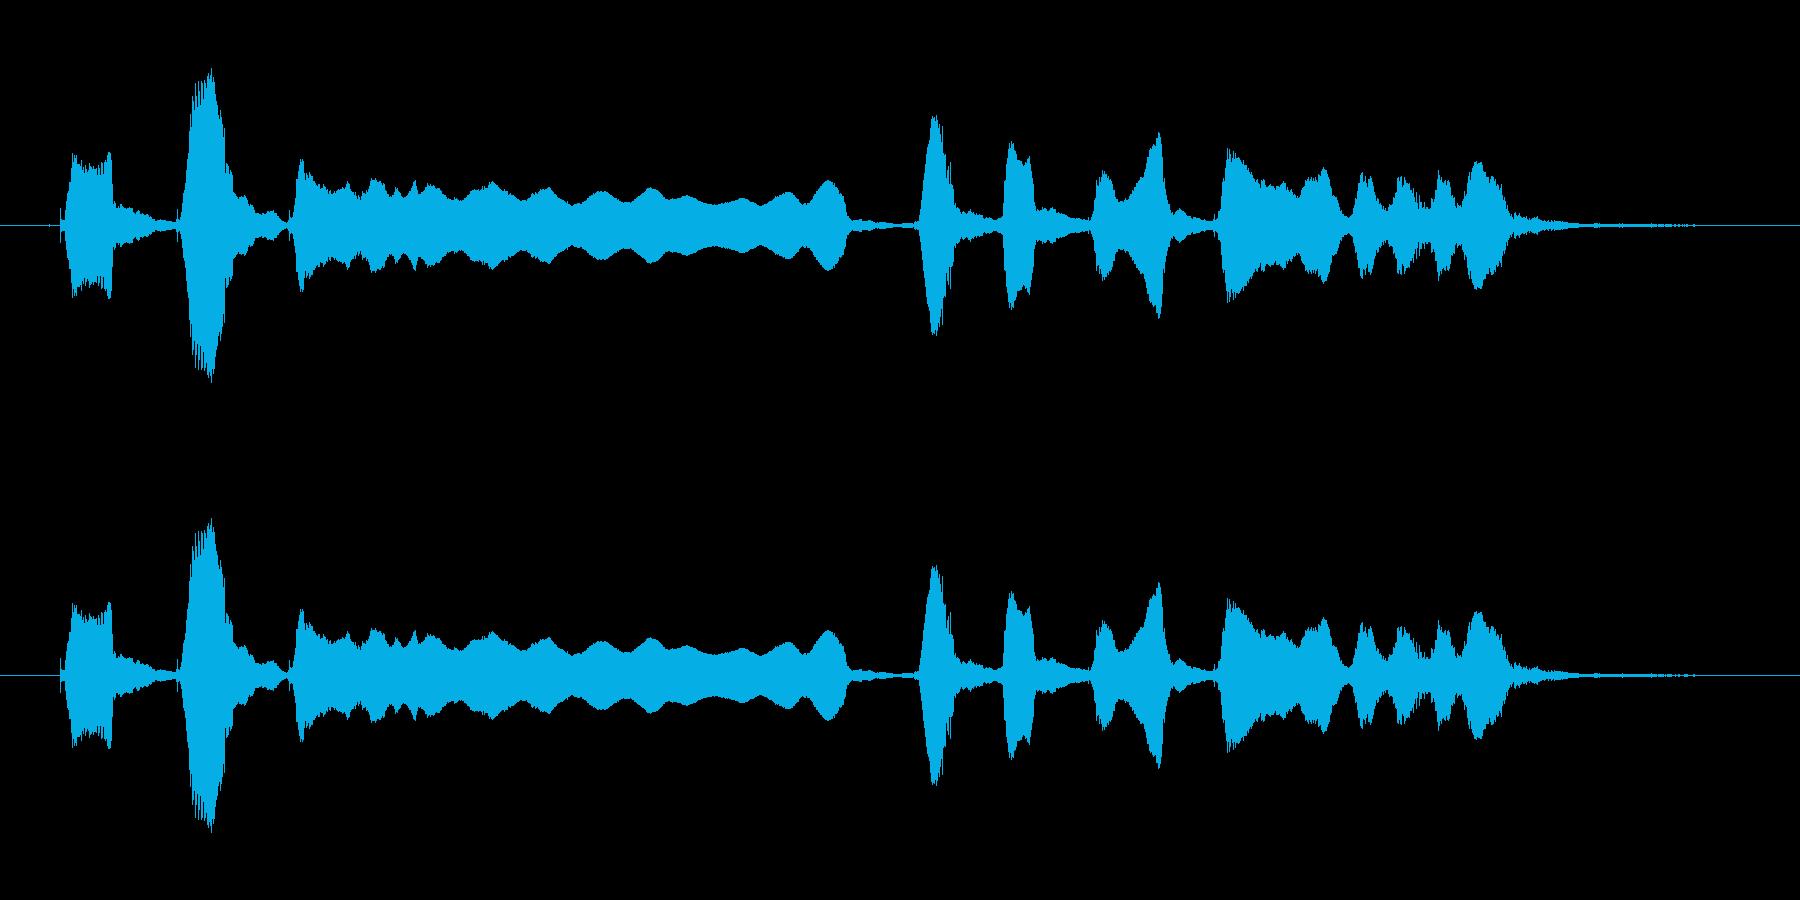 ブルースハープ音源の再生済みの波形